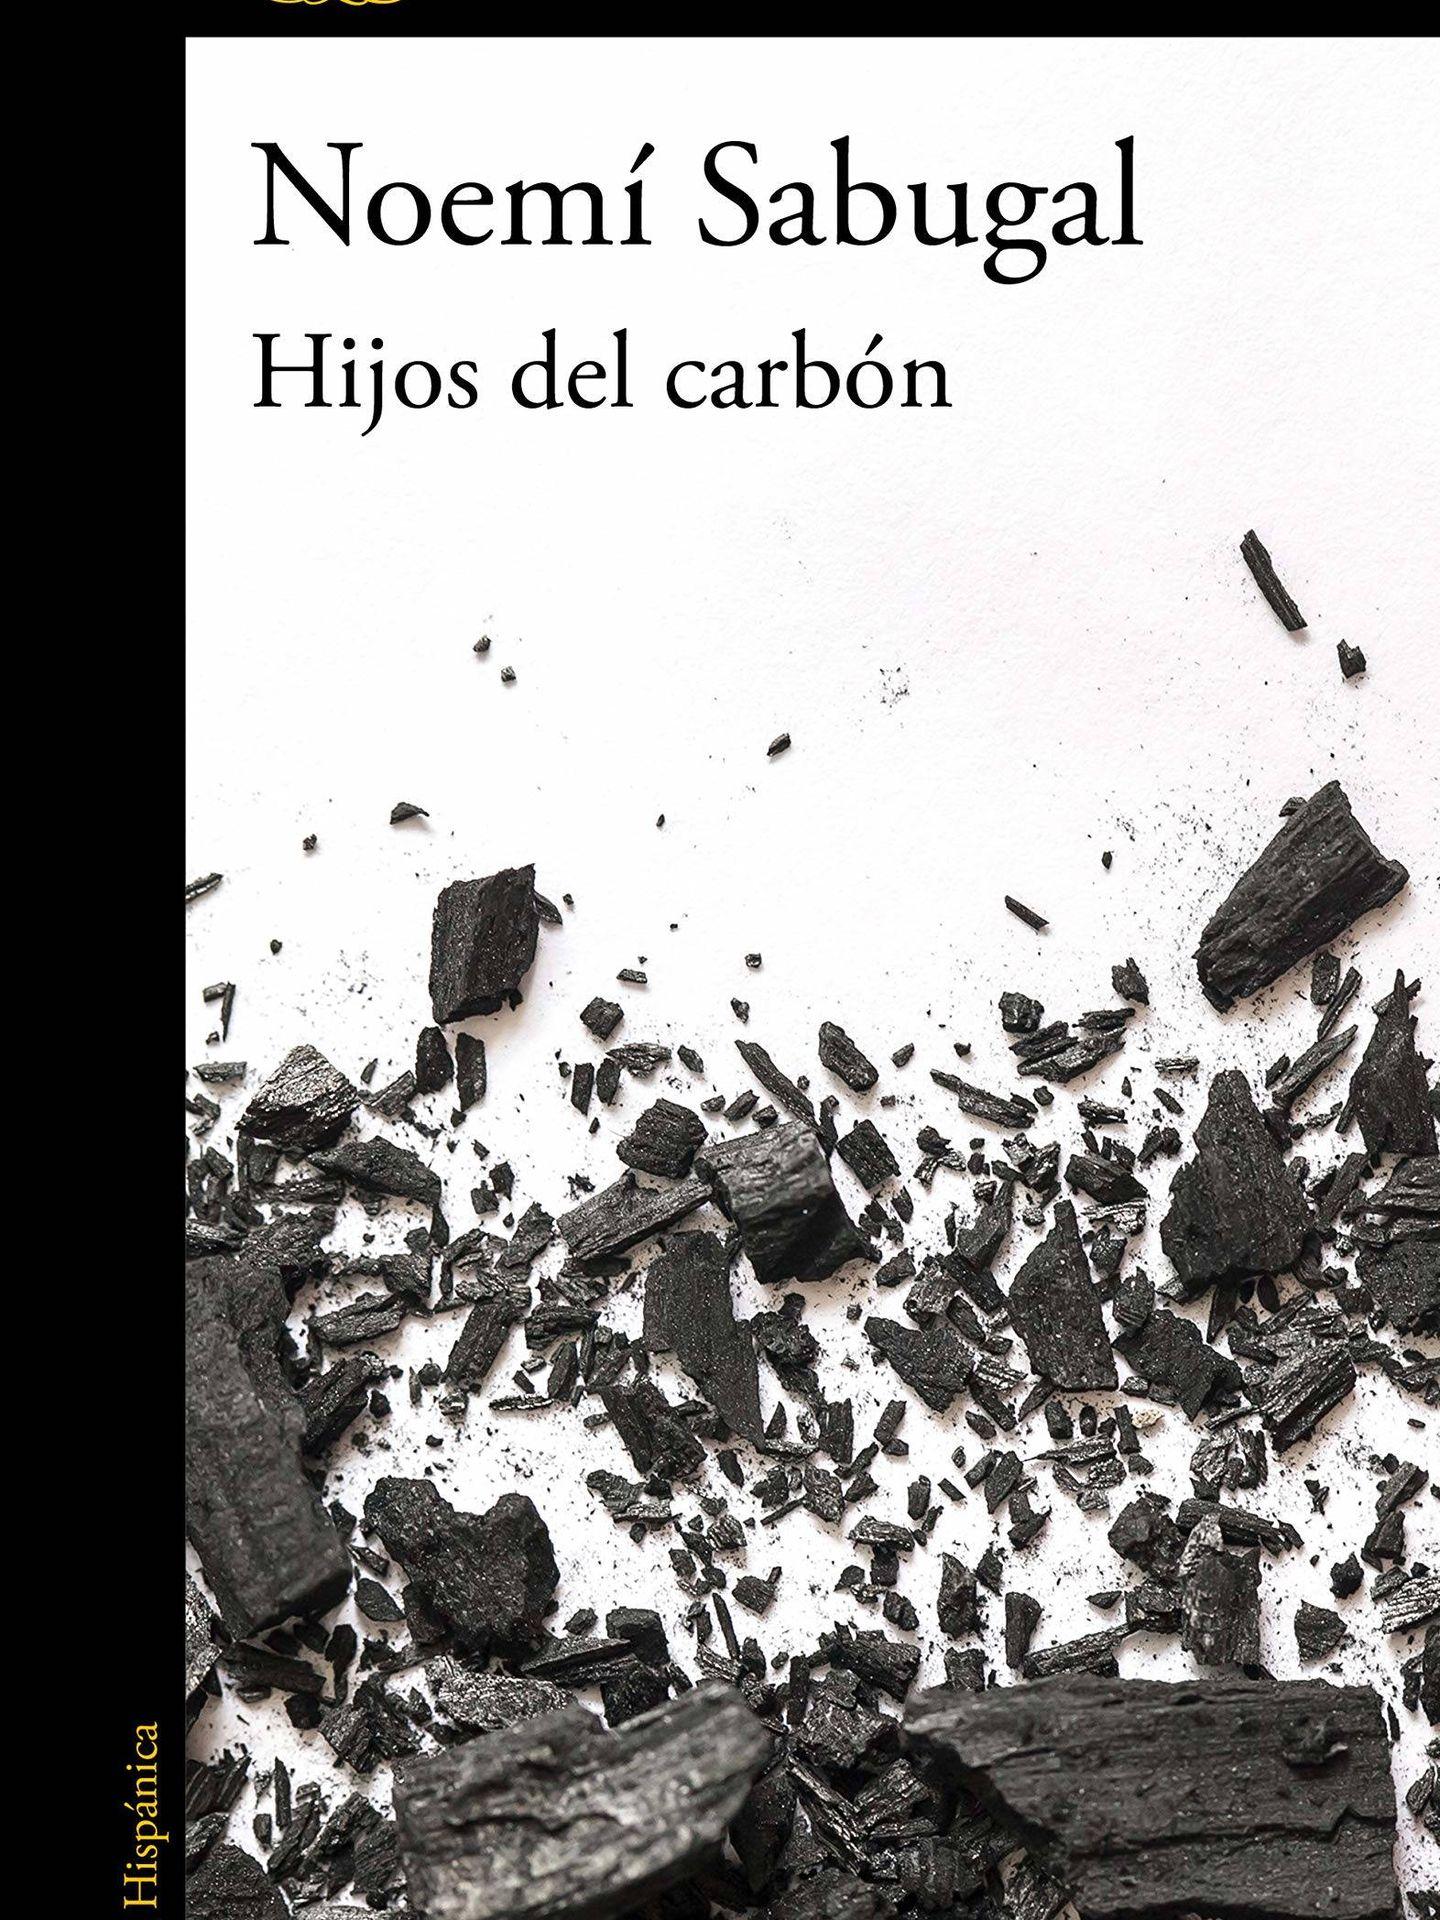 'Hijos del carbón'